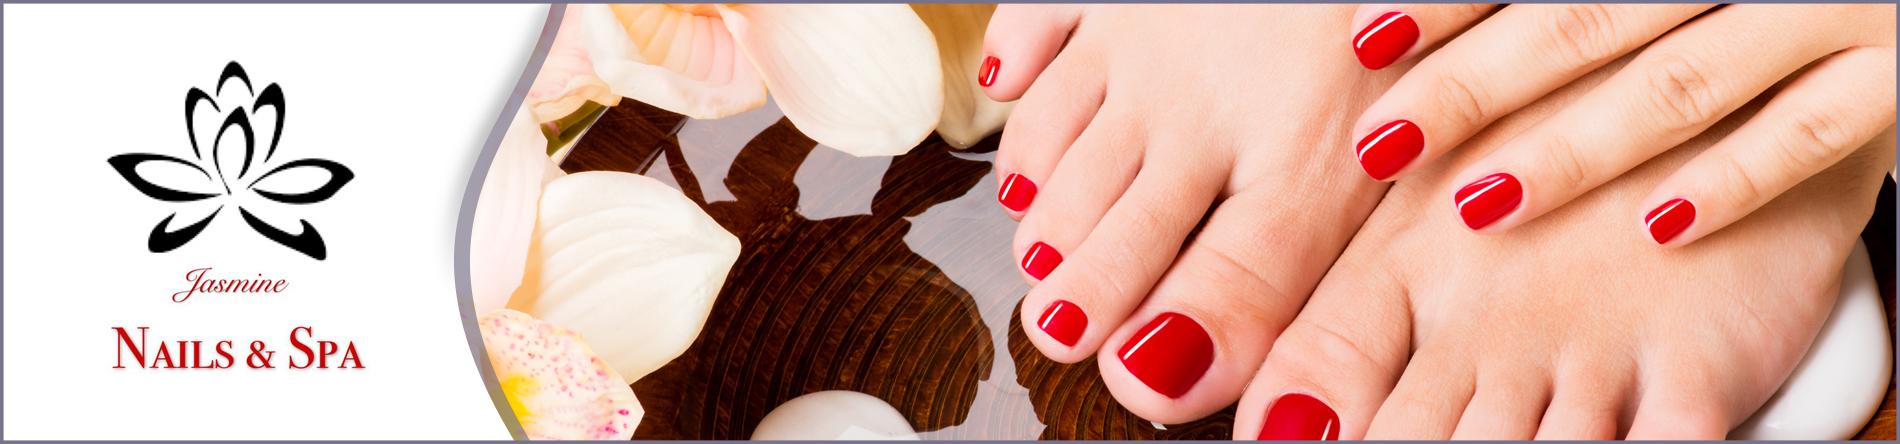 Jasmine Nails & Spa is a Nail Salon in Midlothian, VA